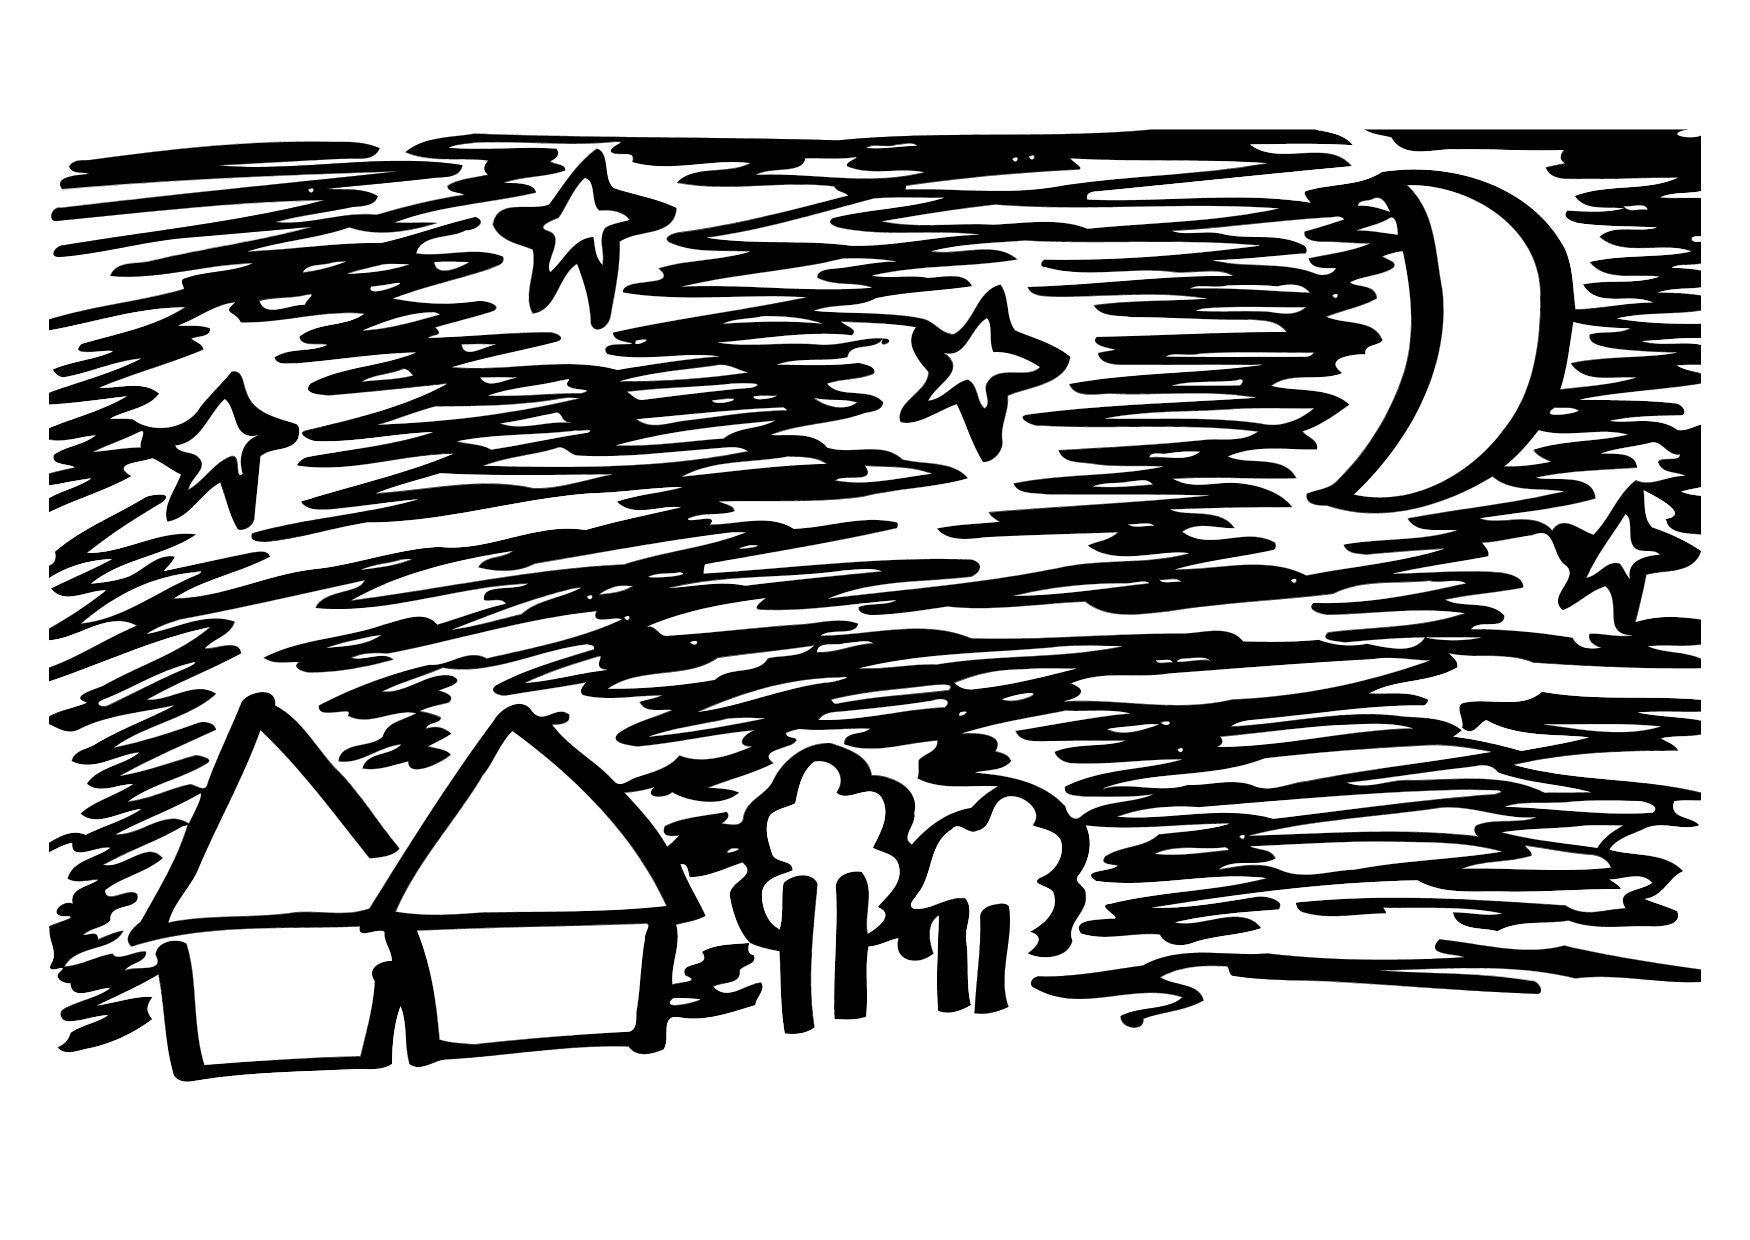 Atractivo Dibujo Nocturno Para Colorear Fotos - Dibujos Para ...